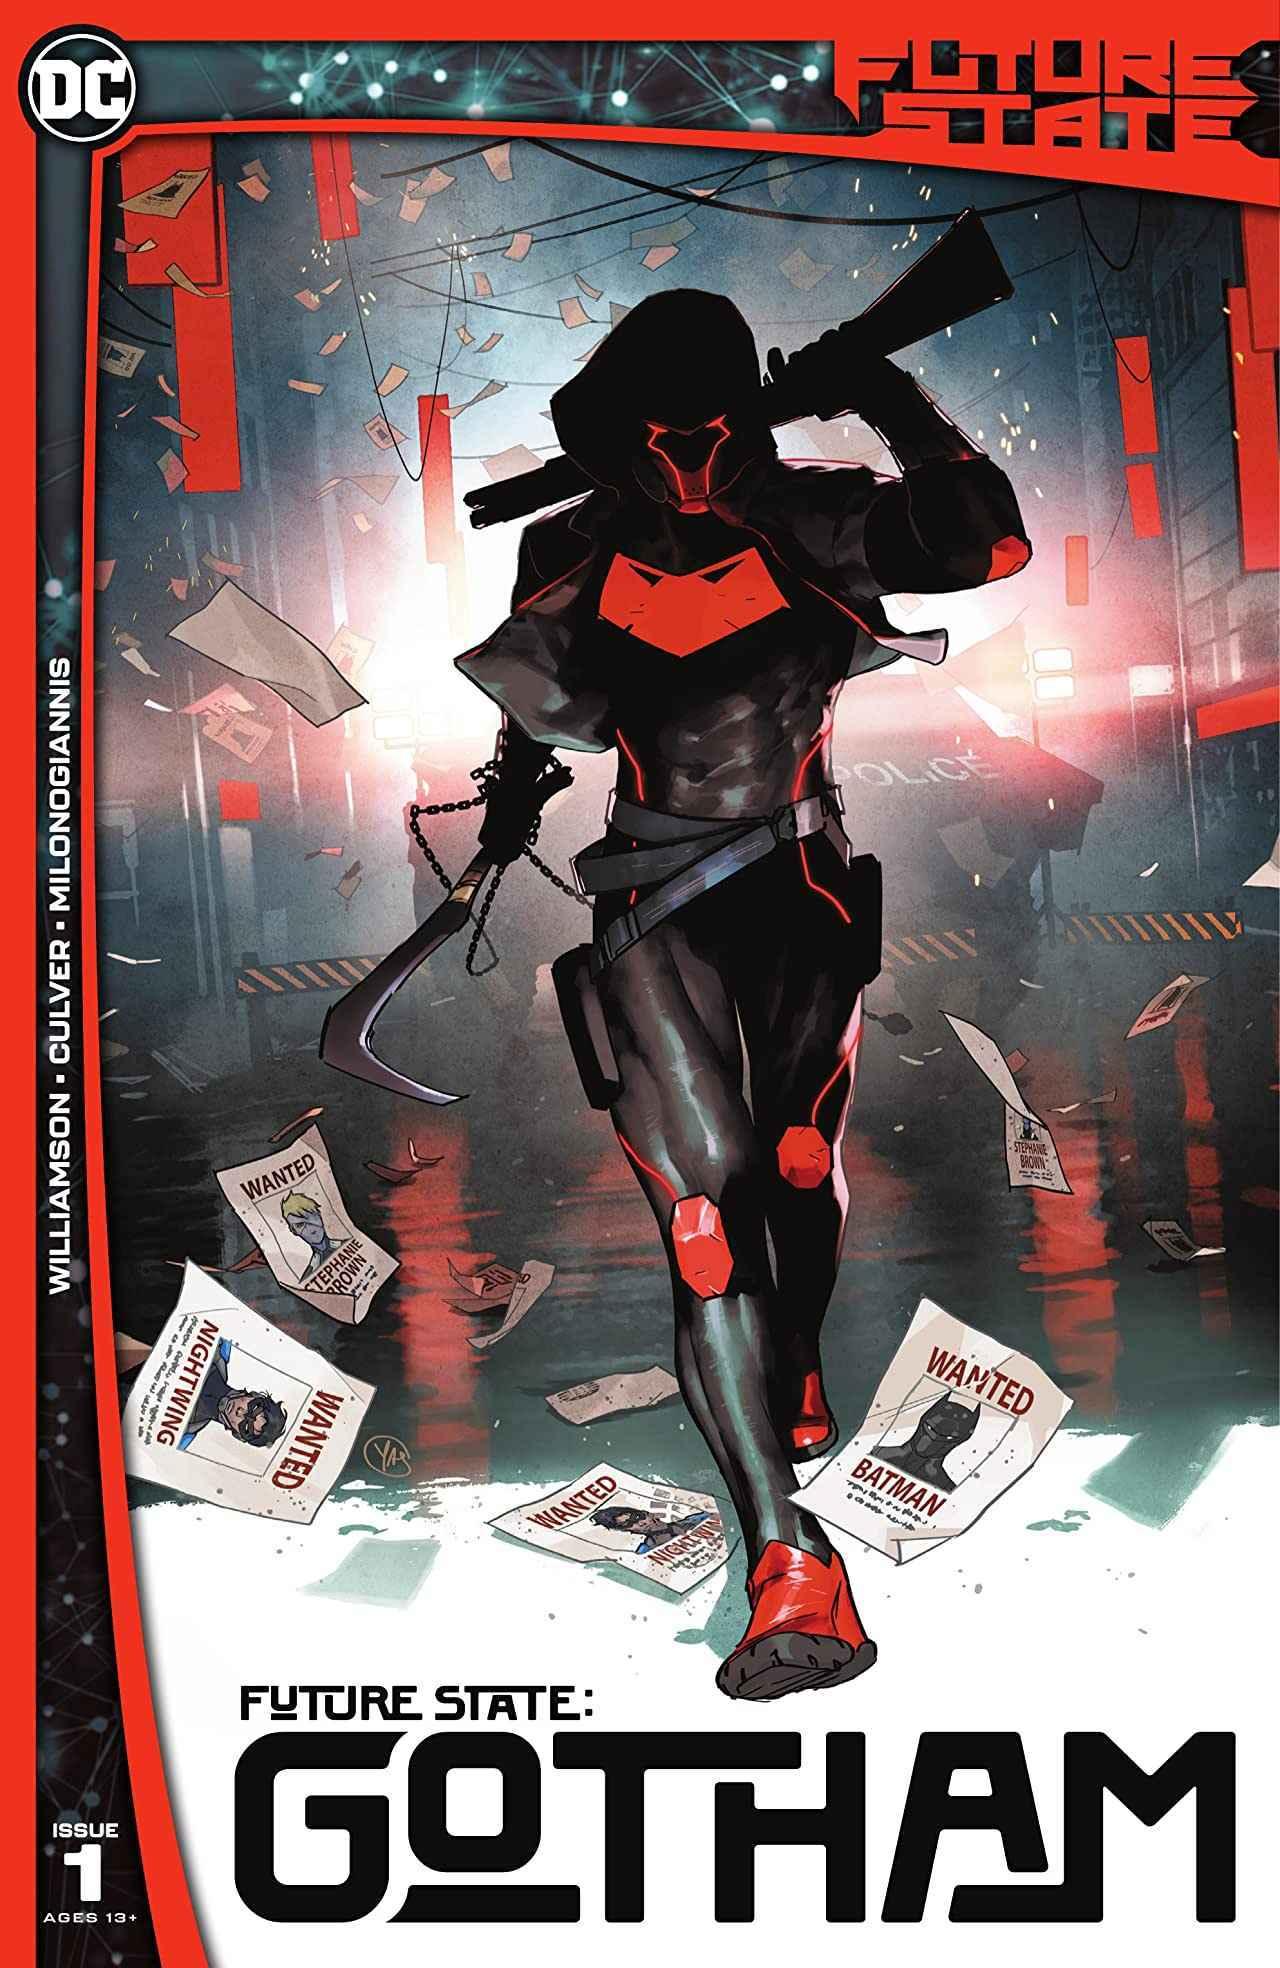 Future State Gotham #1